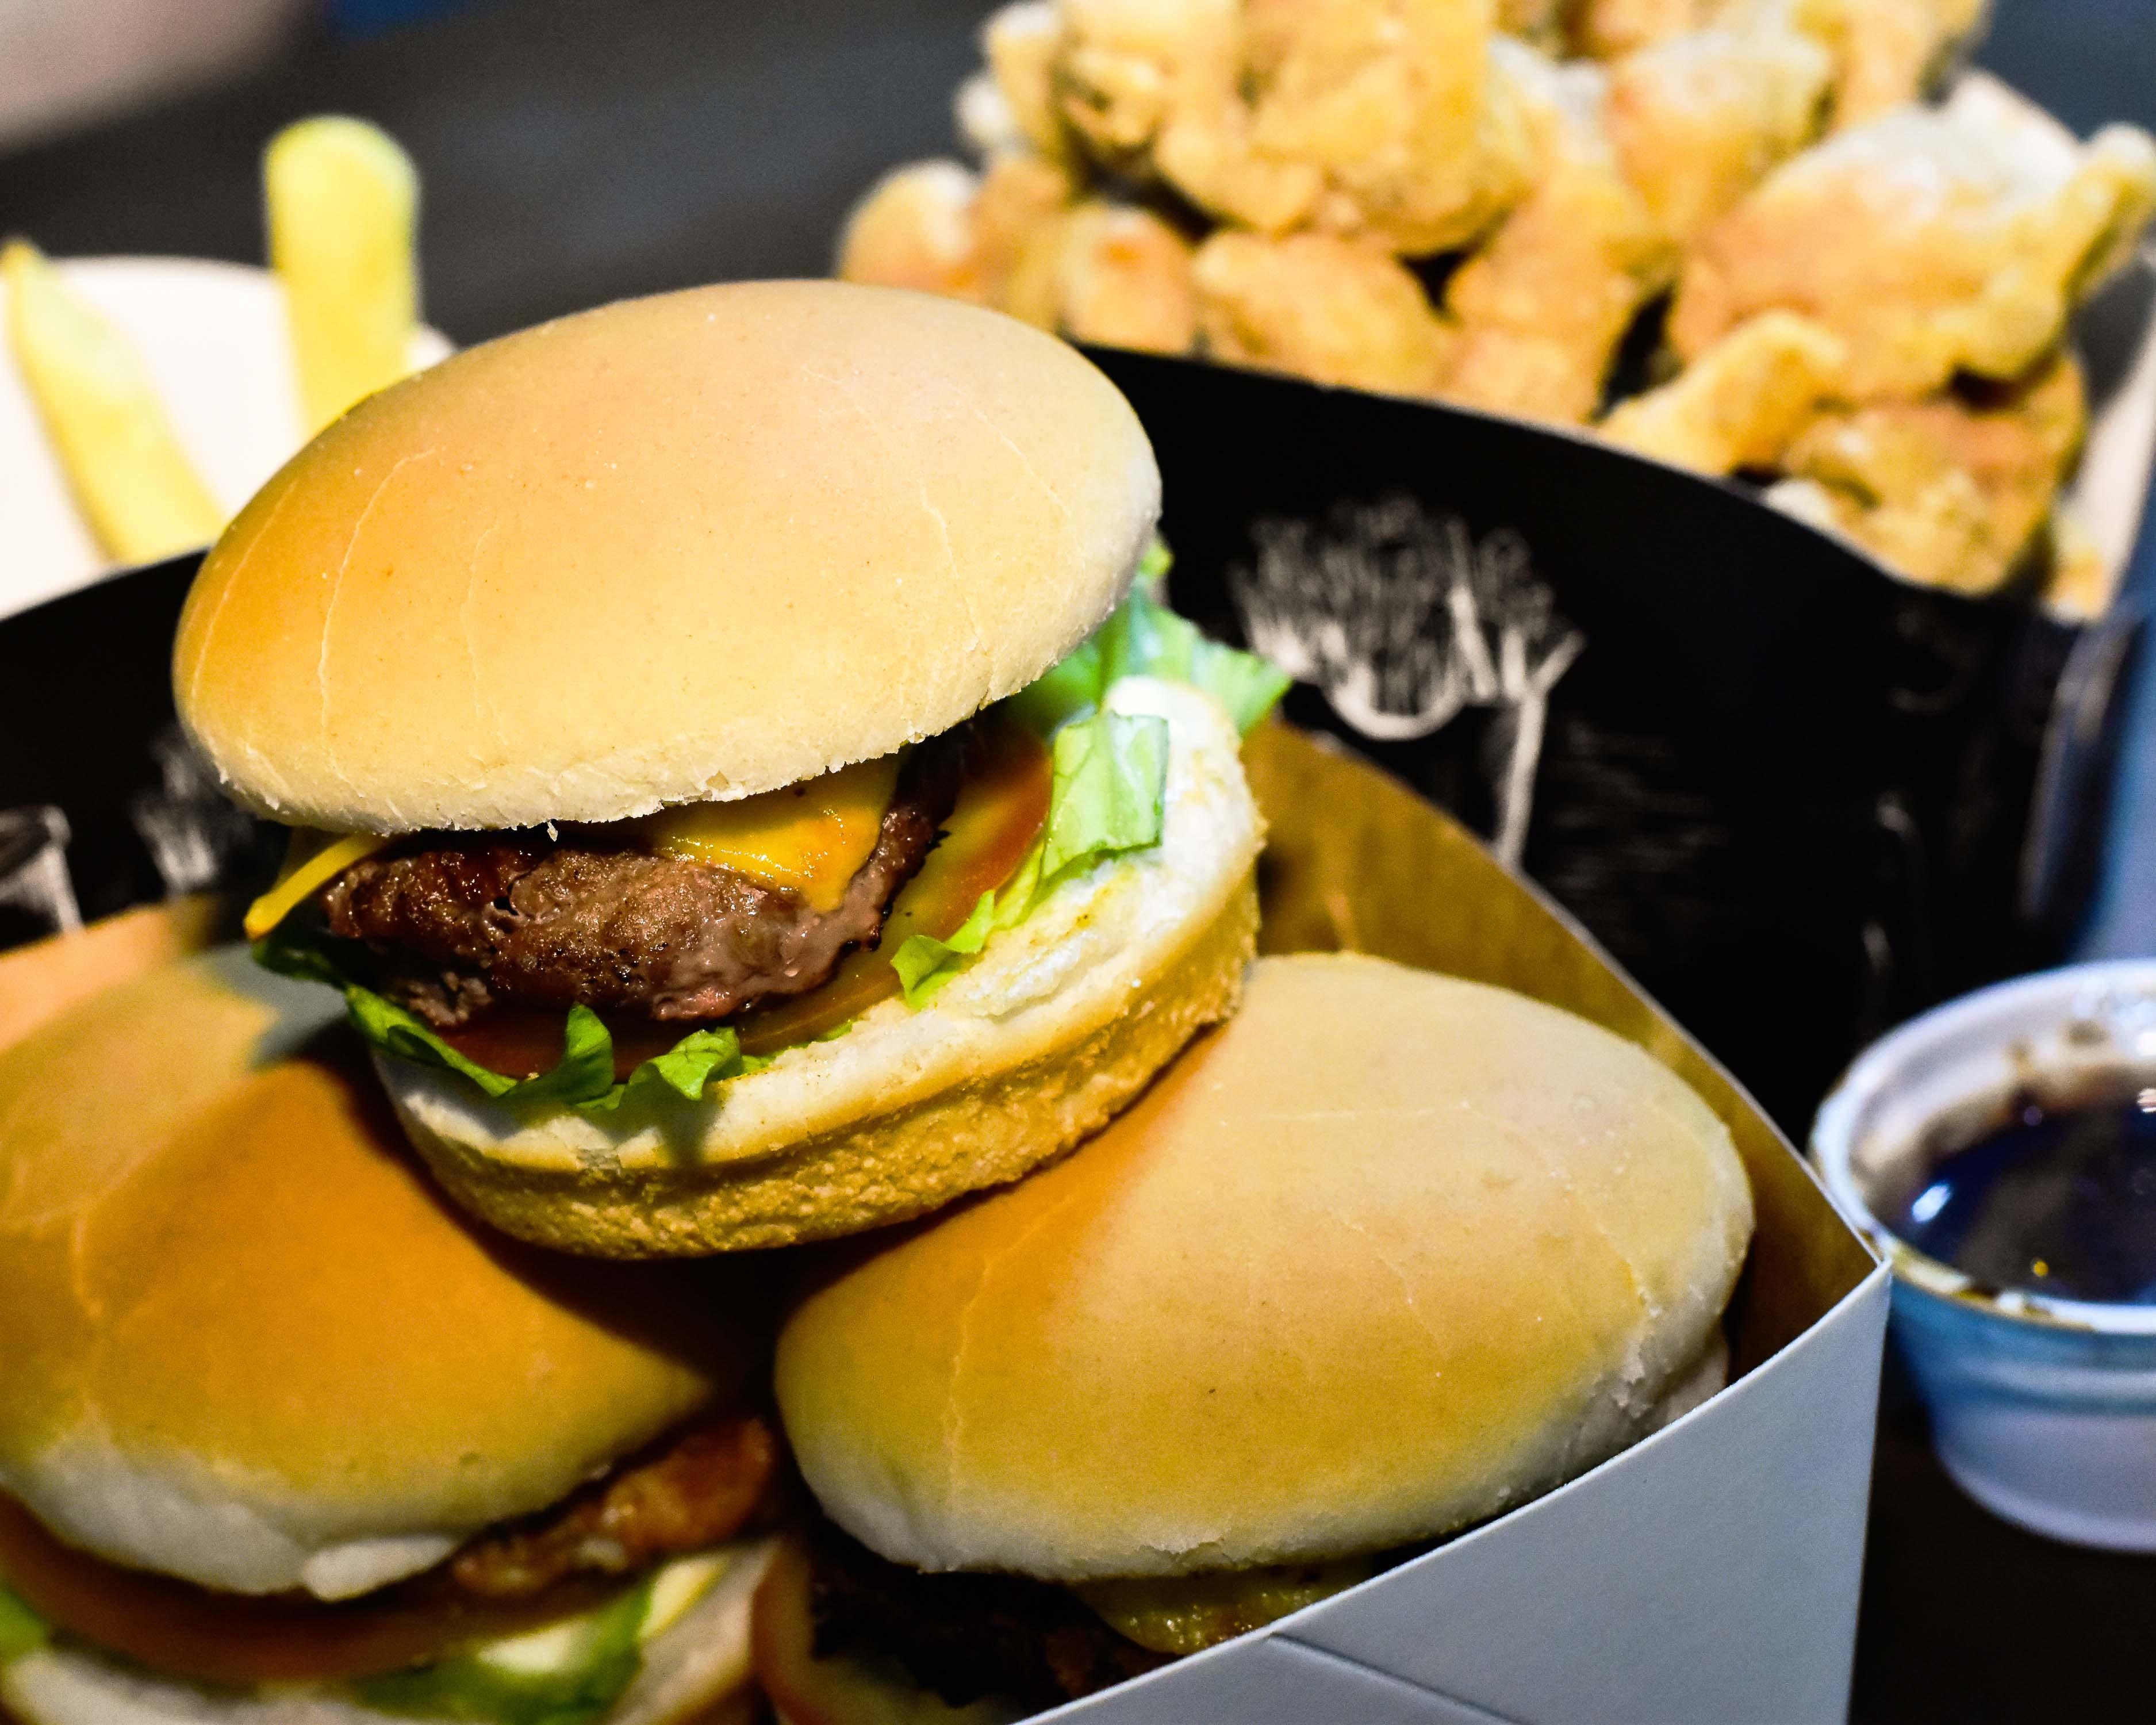 Além de petiscos e hambúrgueres, a casa ainda irá lançar nos próximos meses pratos asiáticos como o lámen, em referência ao anime Naruto.